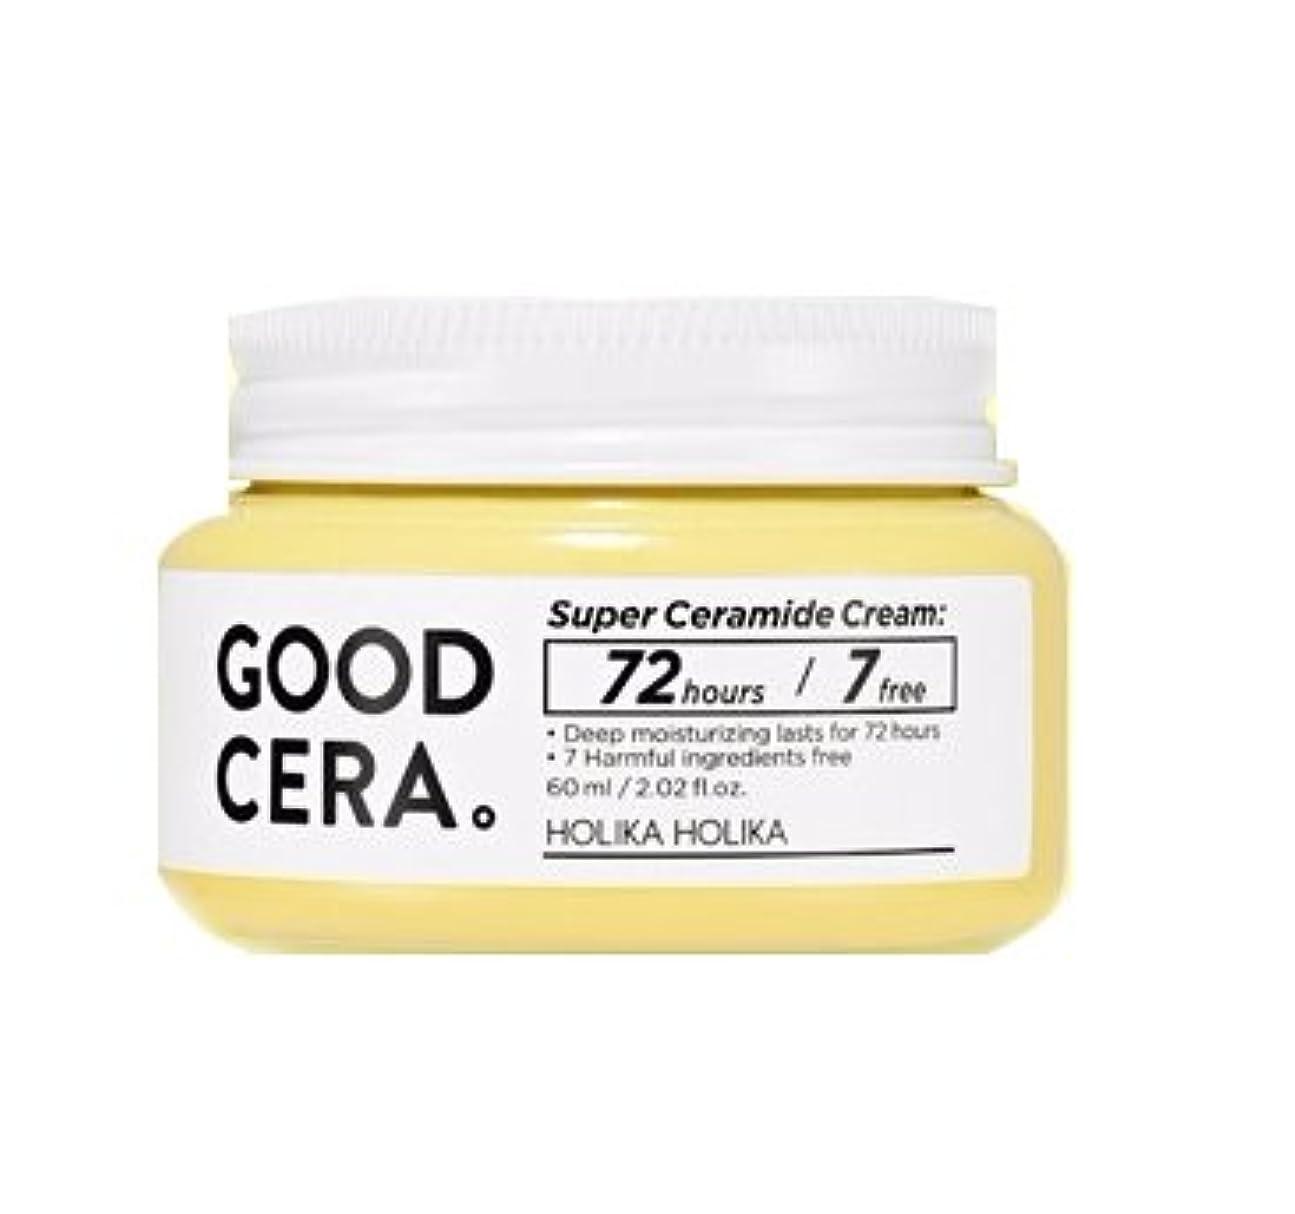 市の中心部初心者等[NEW] ホリカホリカ スーパーセラミドクリーム 60ml / HOLIKA HOLIKA Super Ceramide Cream [並行輸入品]